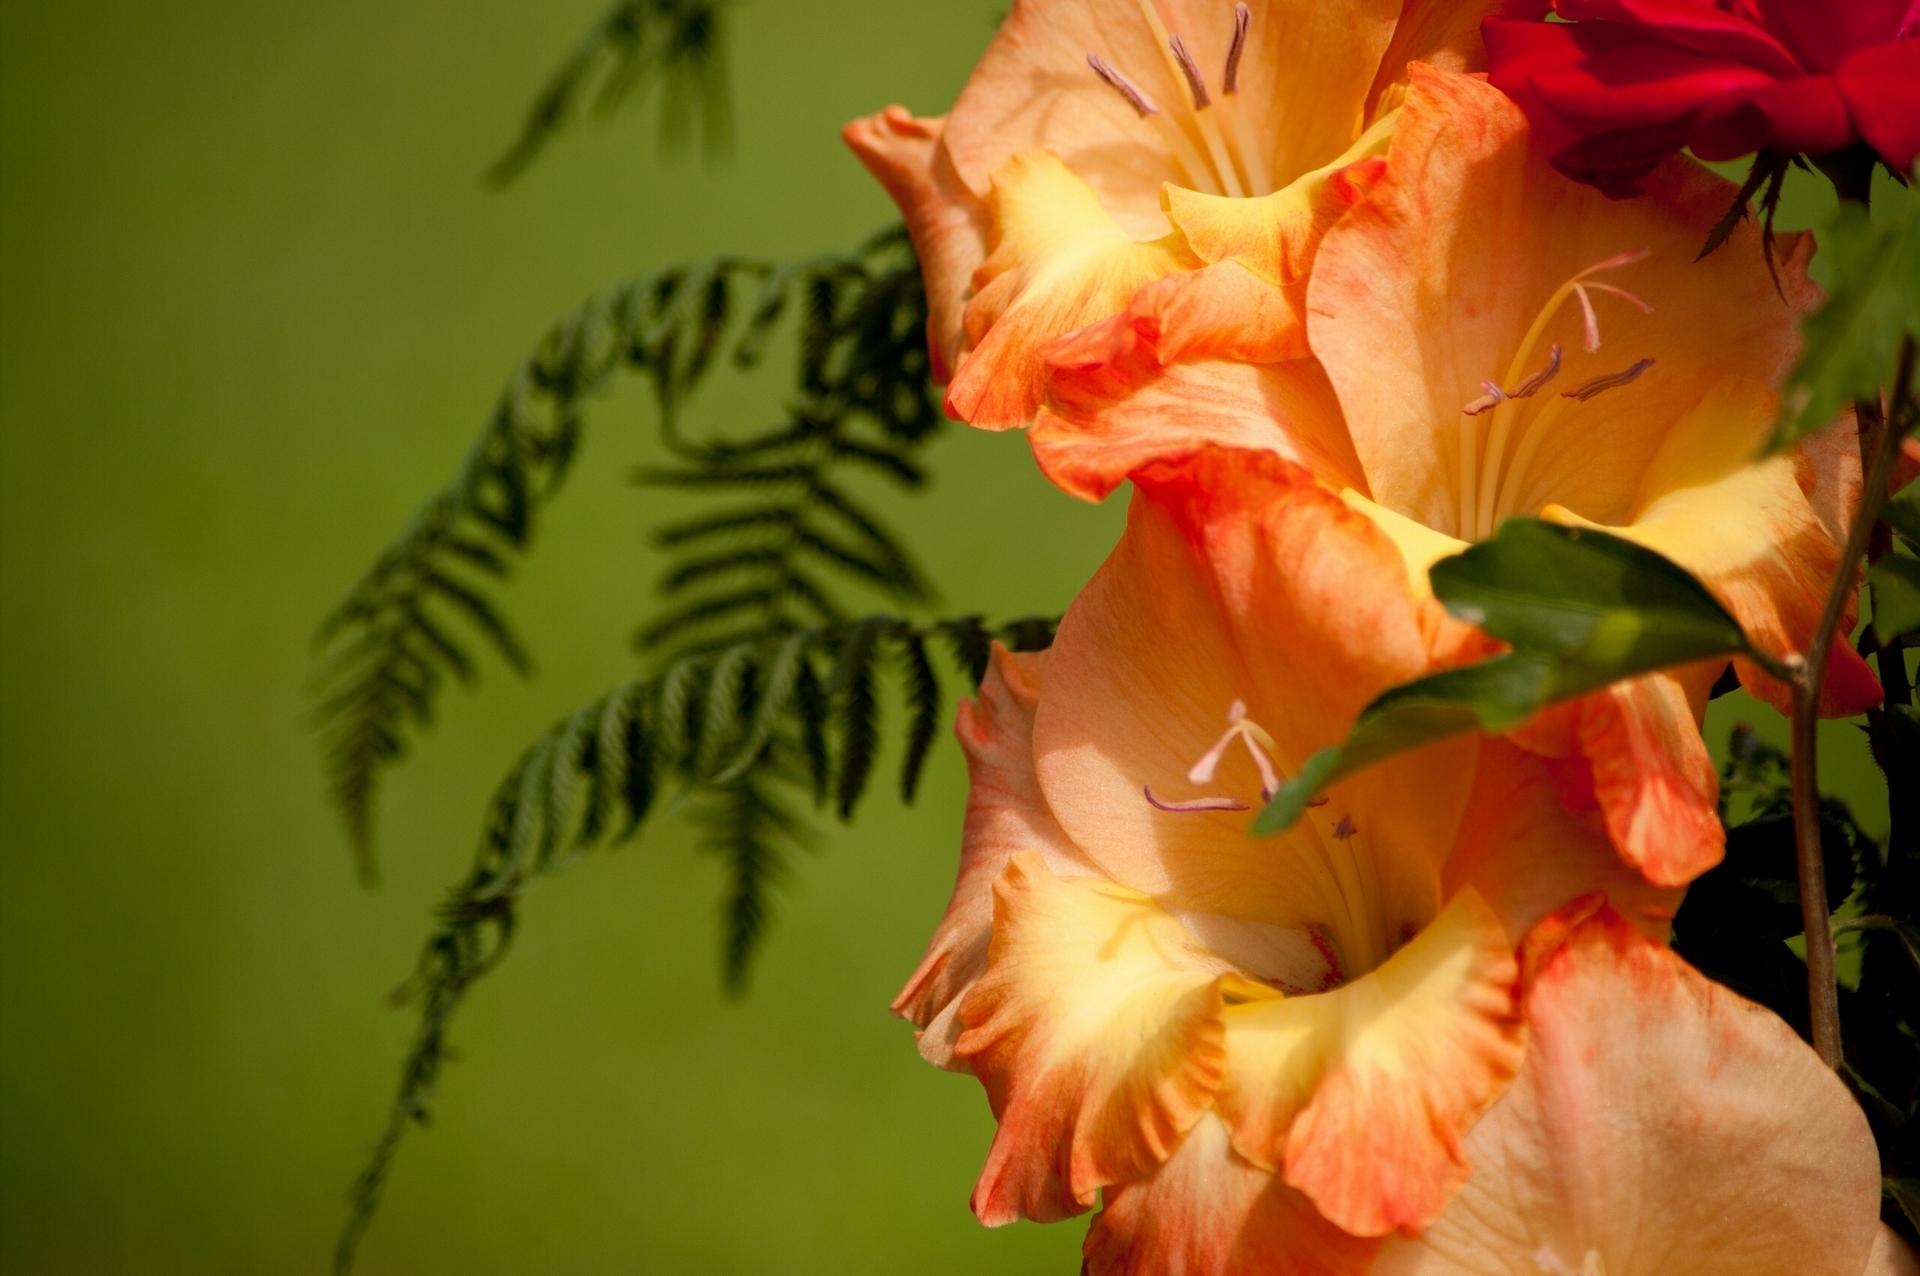 Цветы гладиолусы картинки на рабочий стол